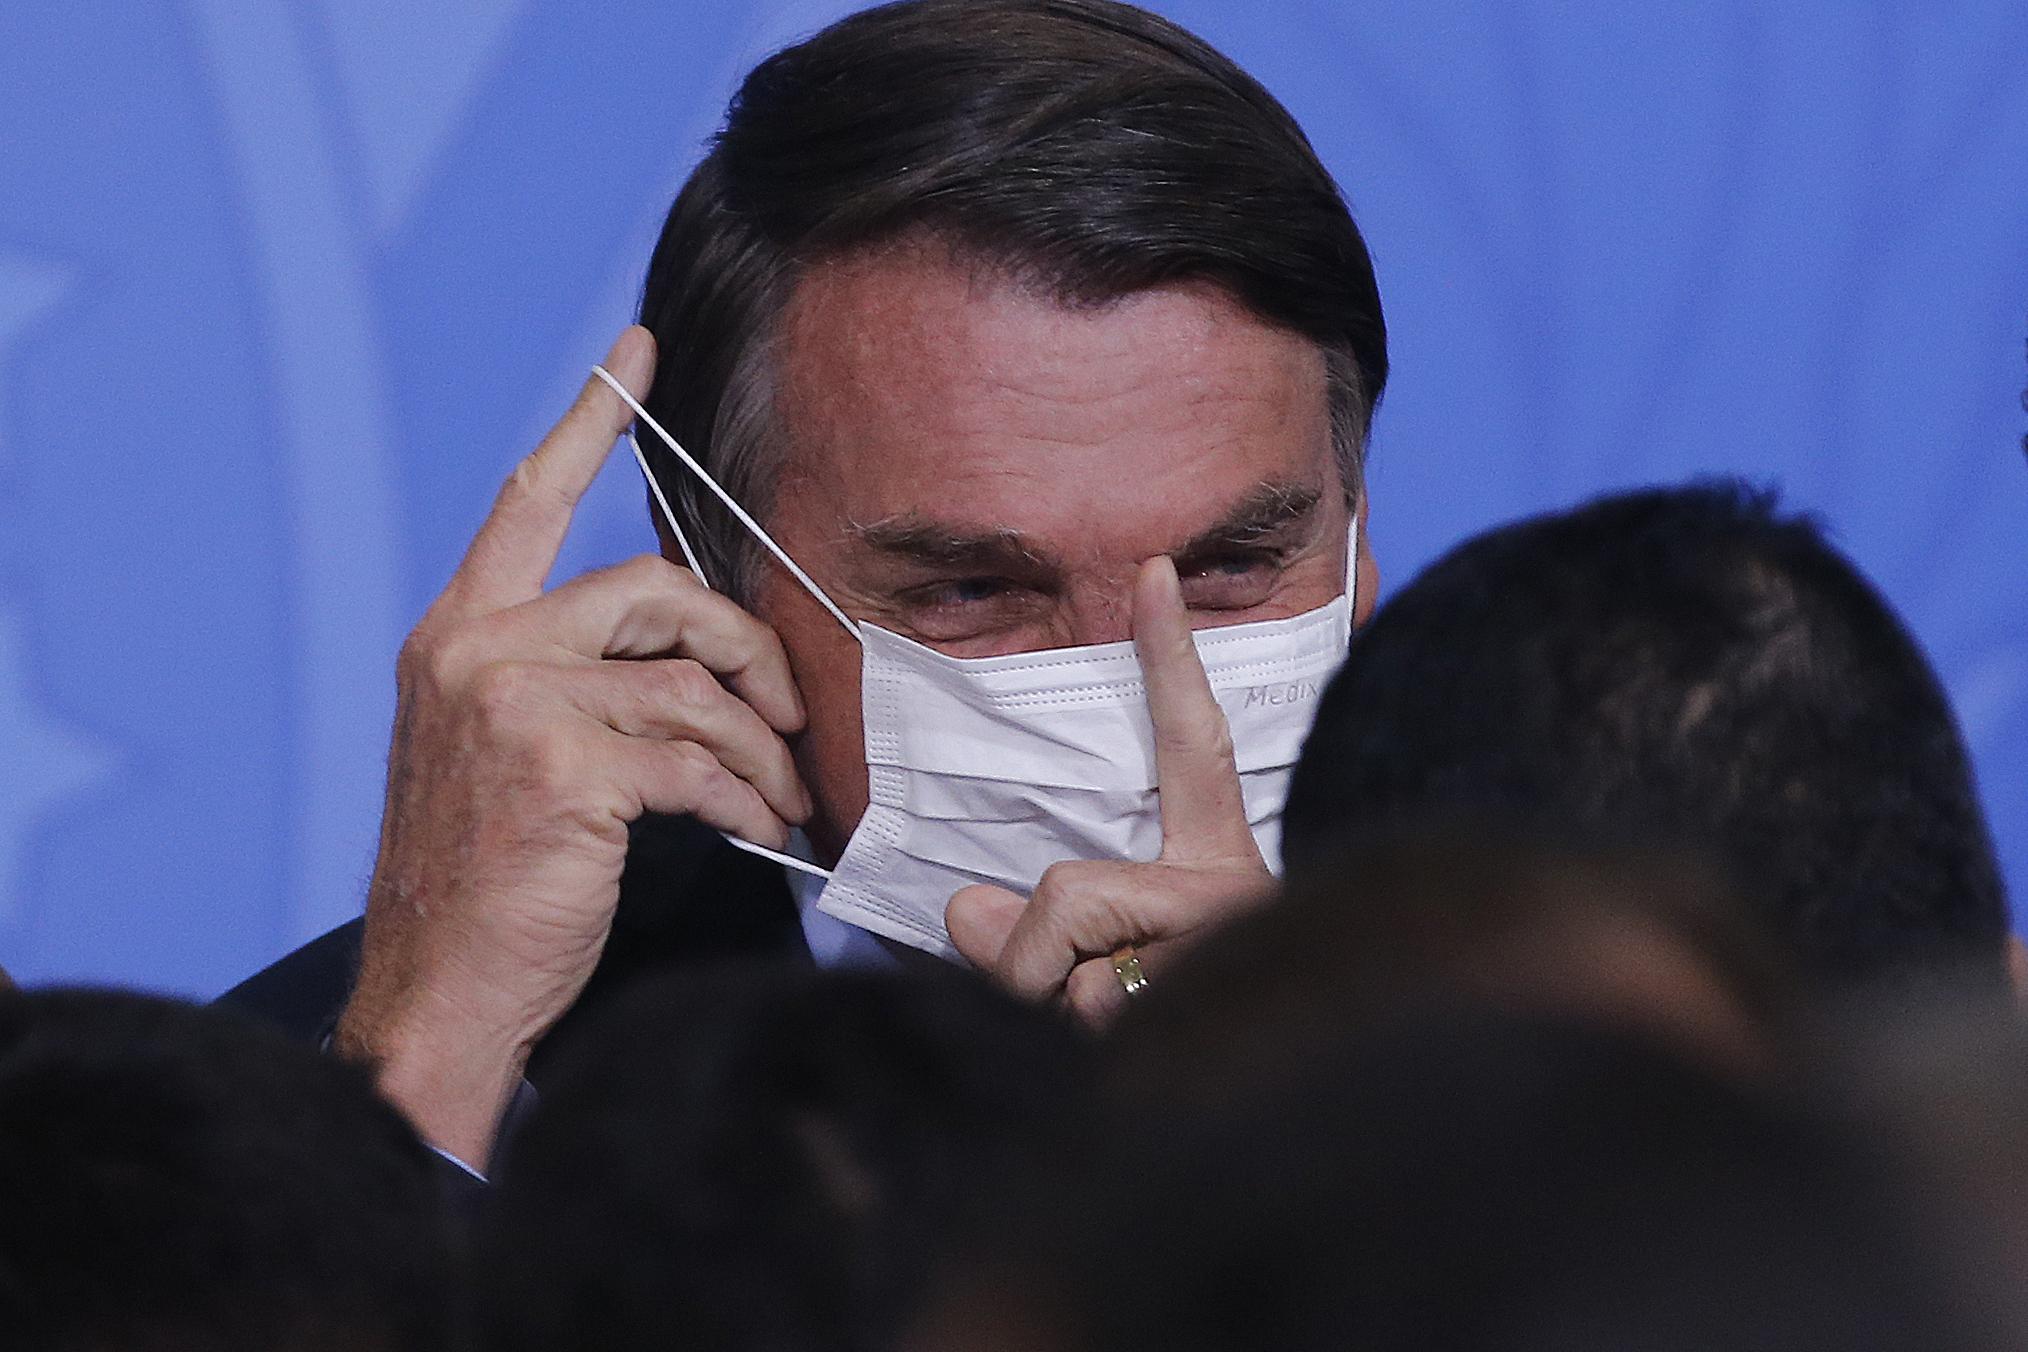 IMAGEM: O inconformismo com o vídeo raivoso de Bolsonaro